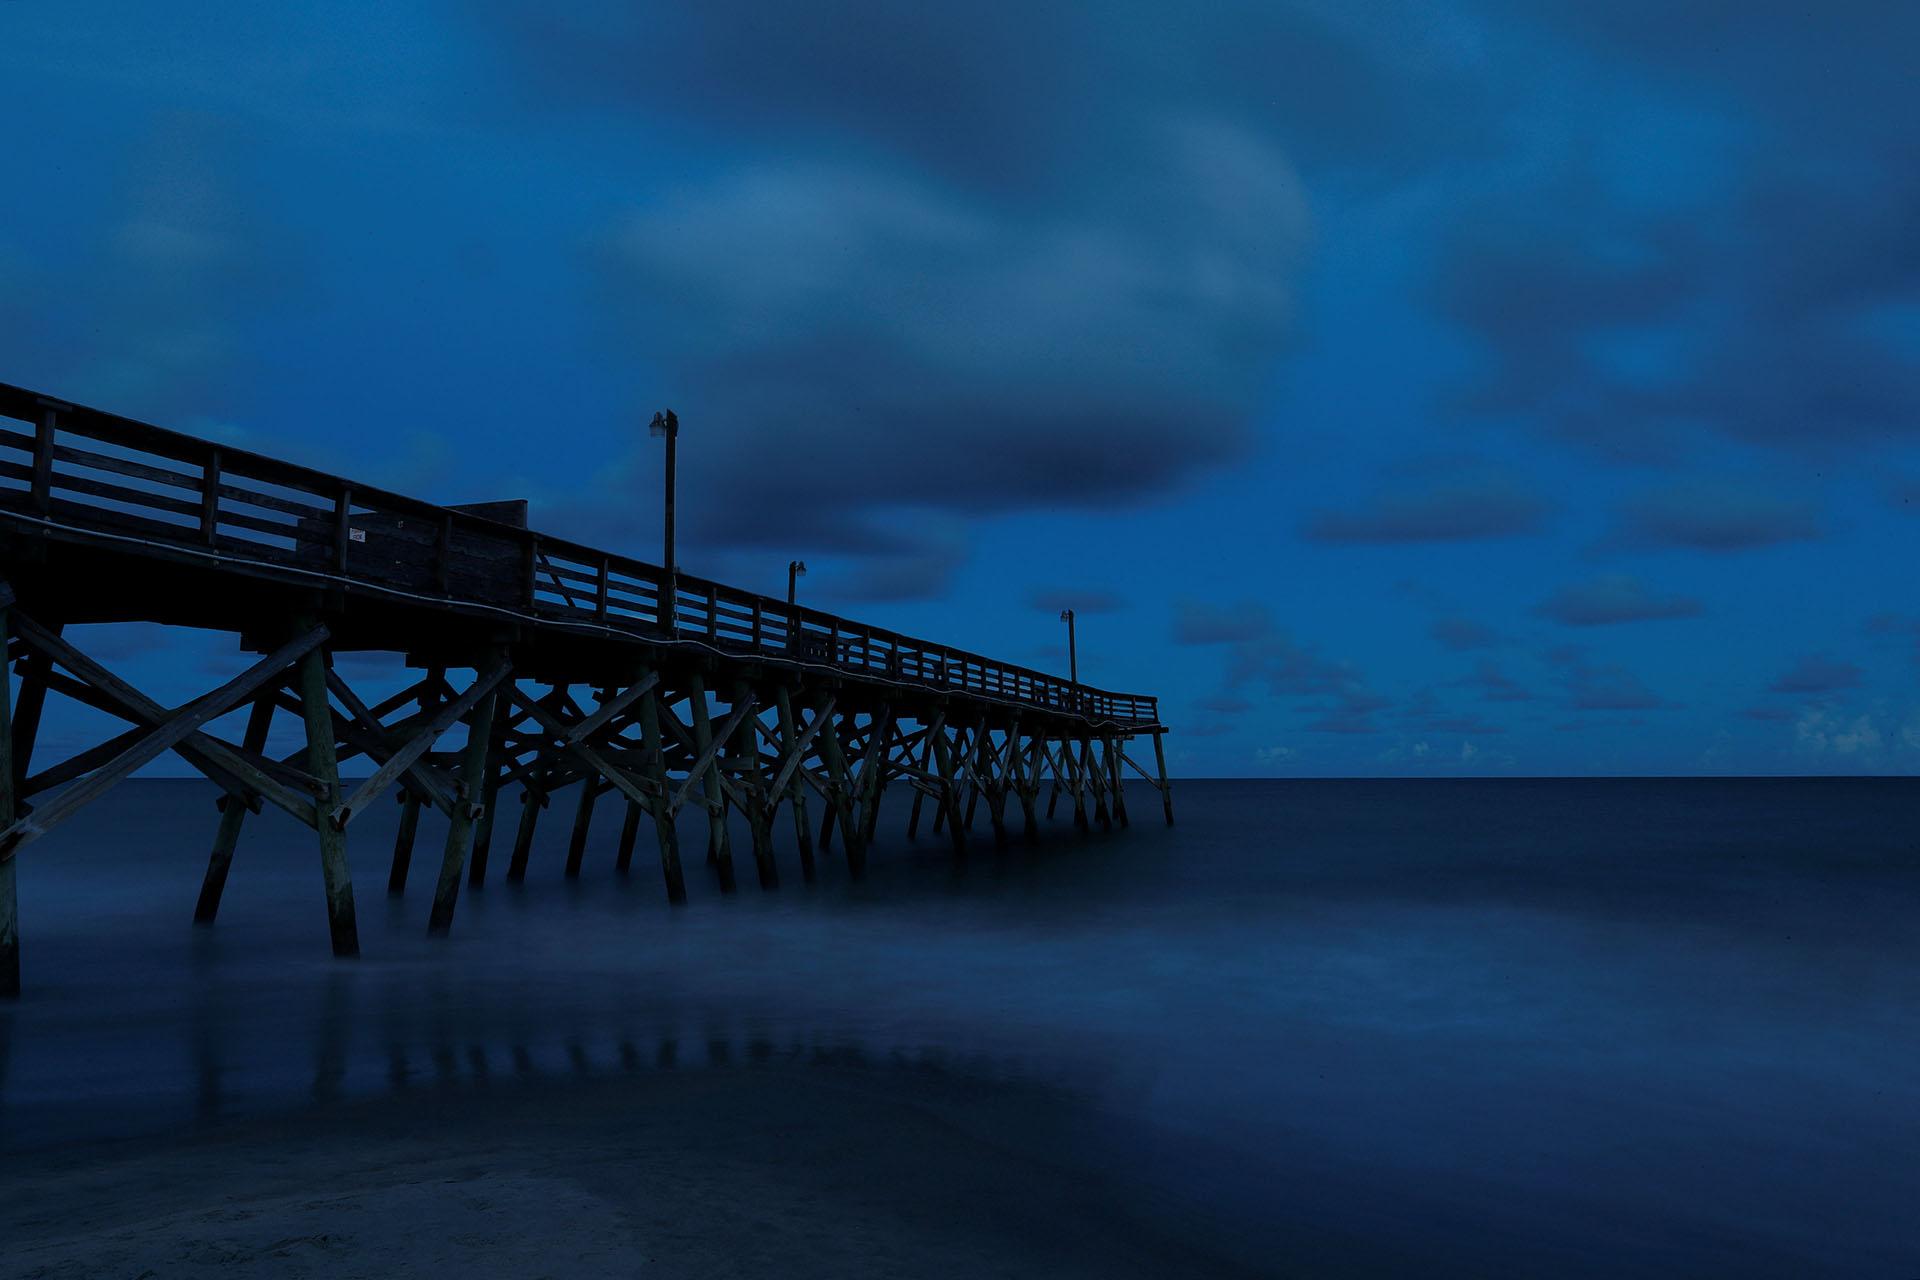 El muelle de Surfside Beach, que aún muestra parte del daño de 2016 durante el huracán Matthew, se muestra antes del huracán Florence en Surfside Beach, Carolina del Sur (REUTERS / Randall Hill)